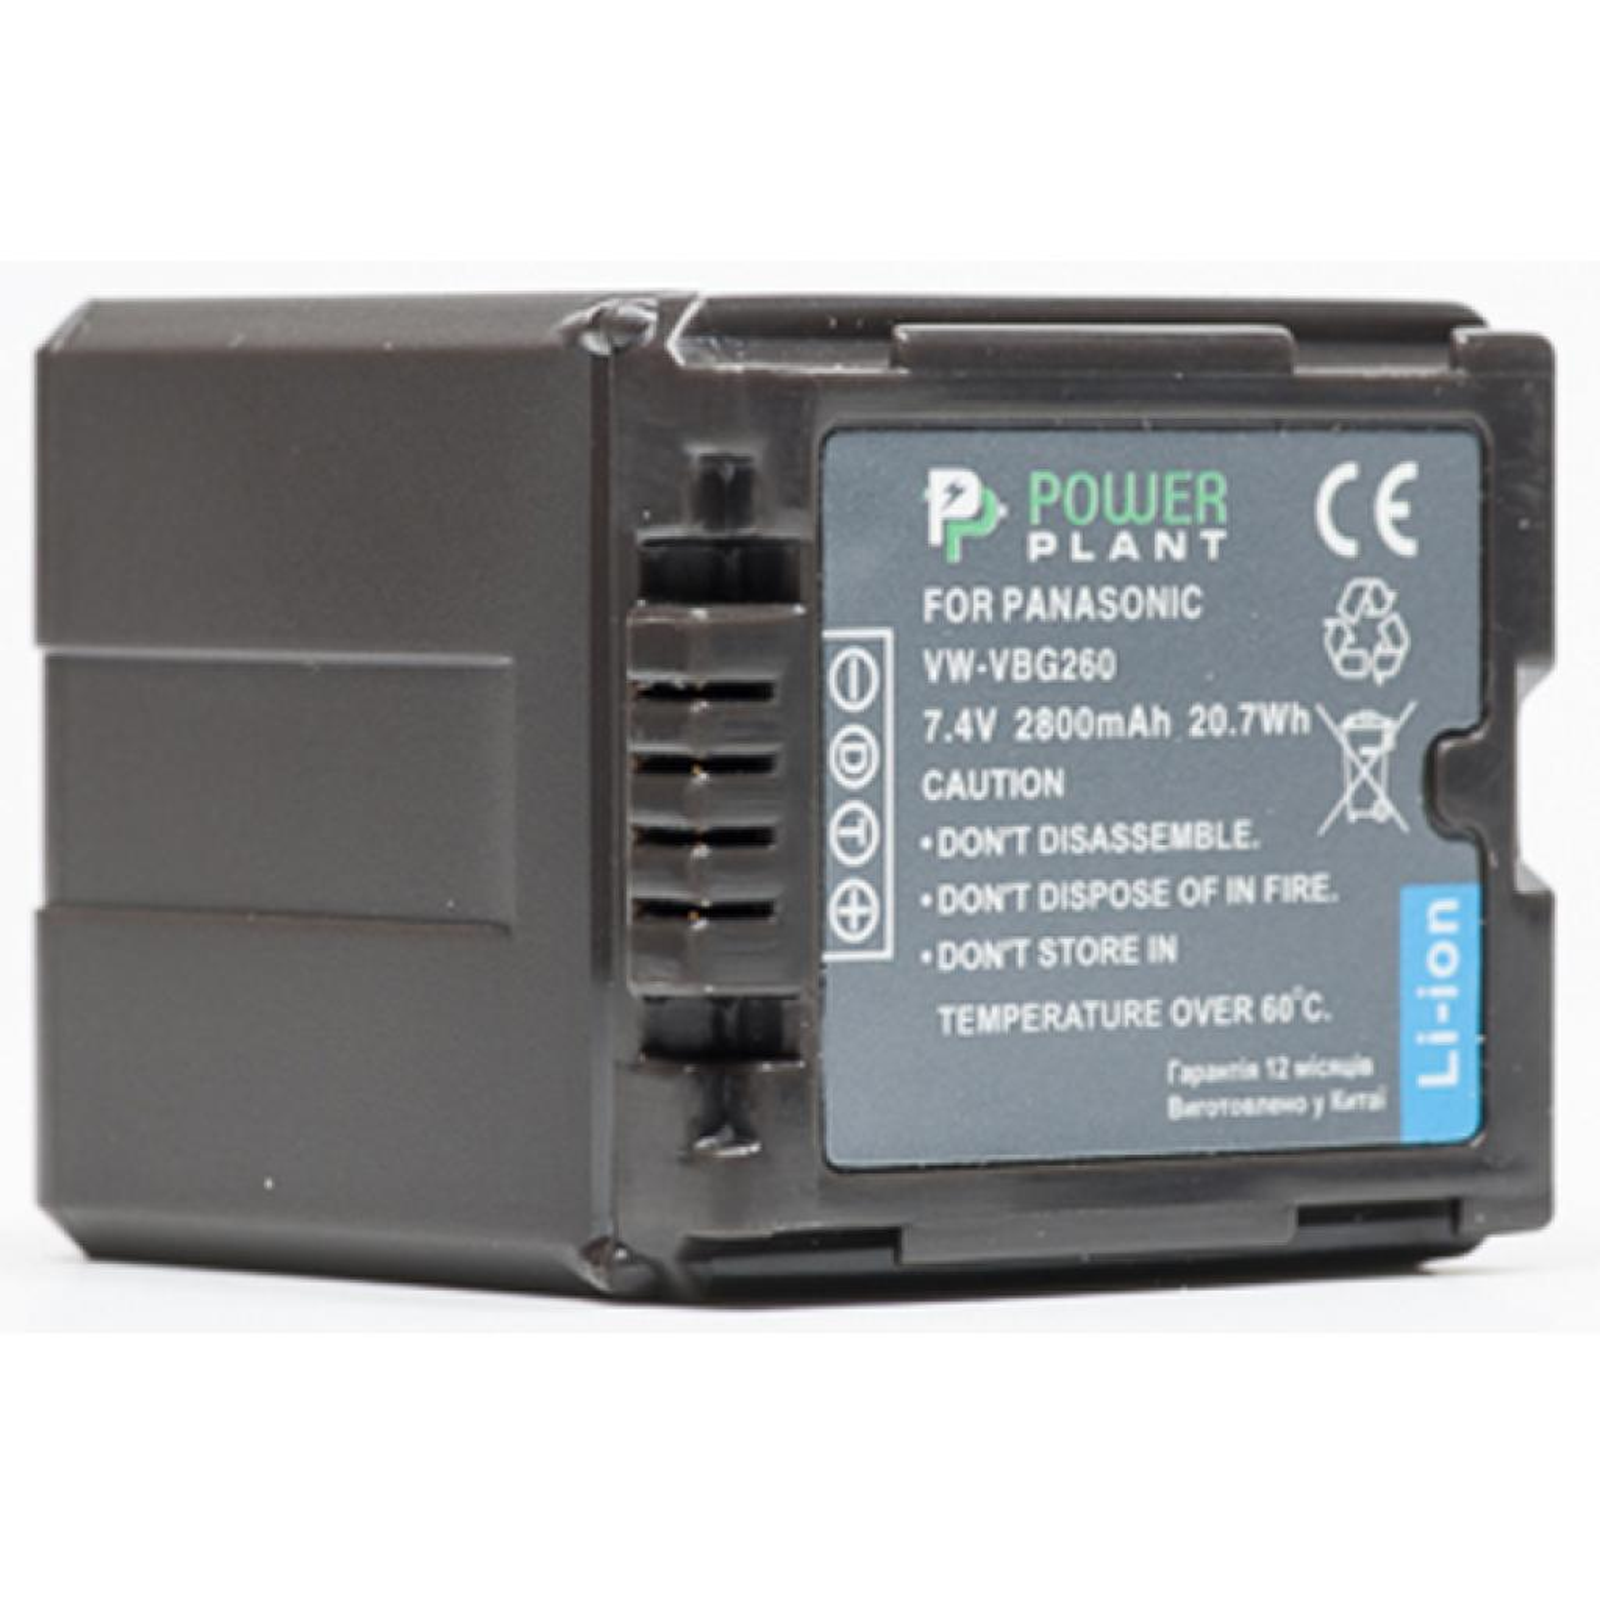 Аккумулятор к фото/видео PowerPlant Panasonic VW-VBG260 Chip (DV00DV1276)